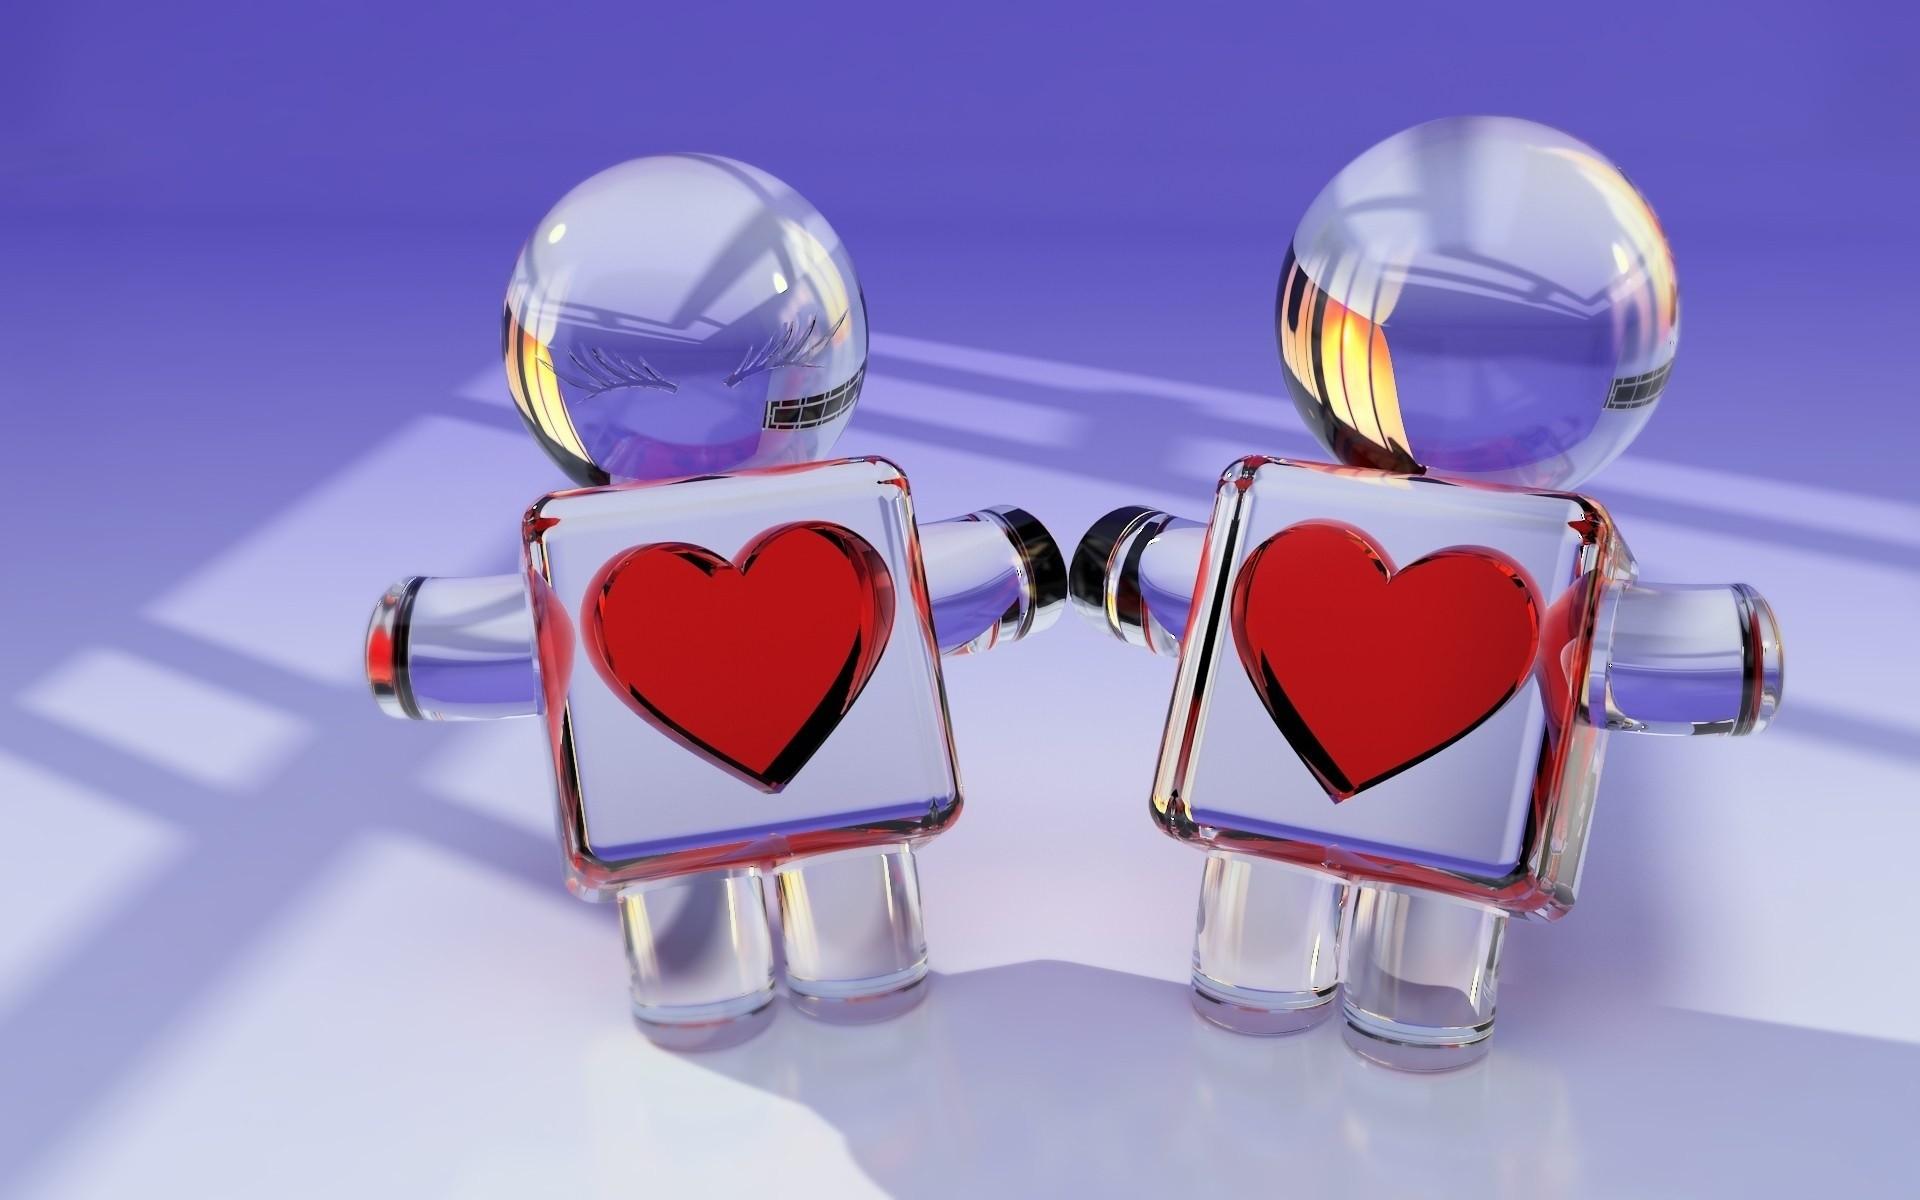 любовь игрушка  № 3437518 бесплатно